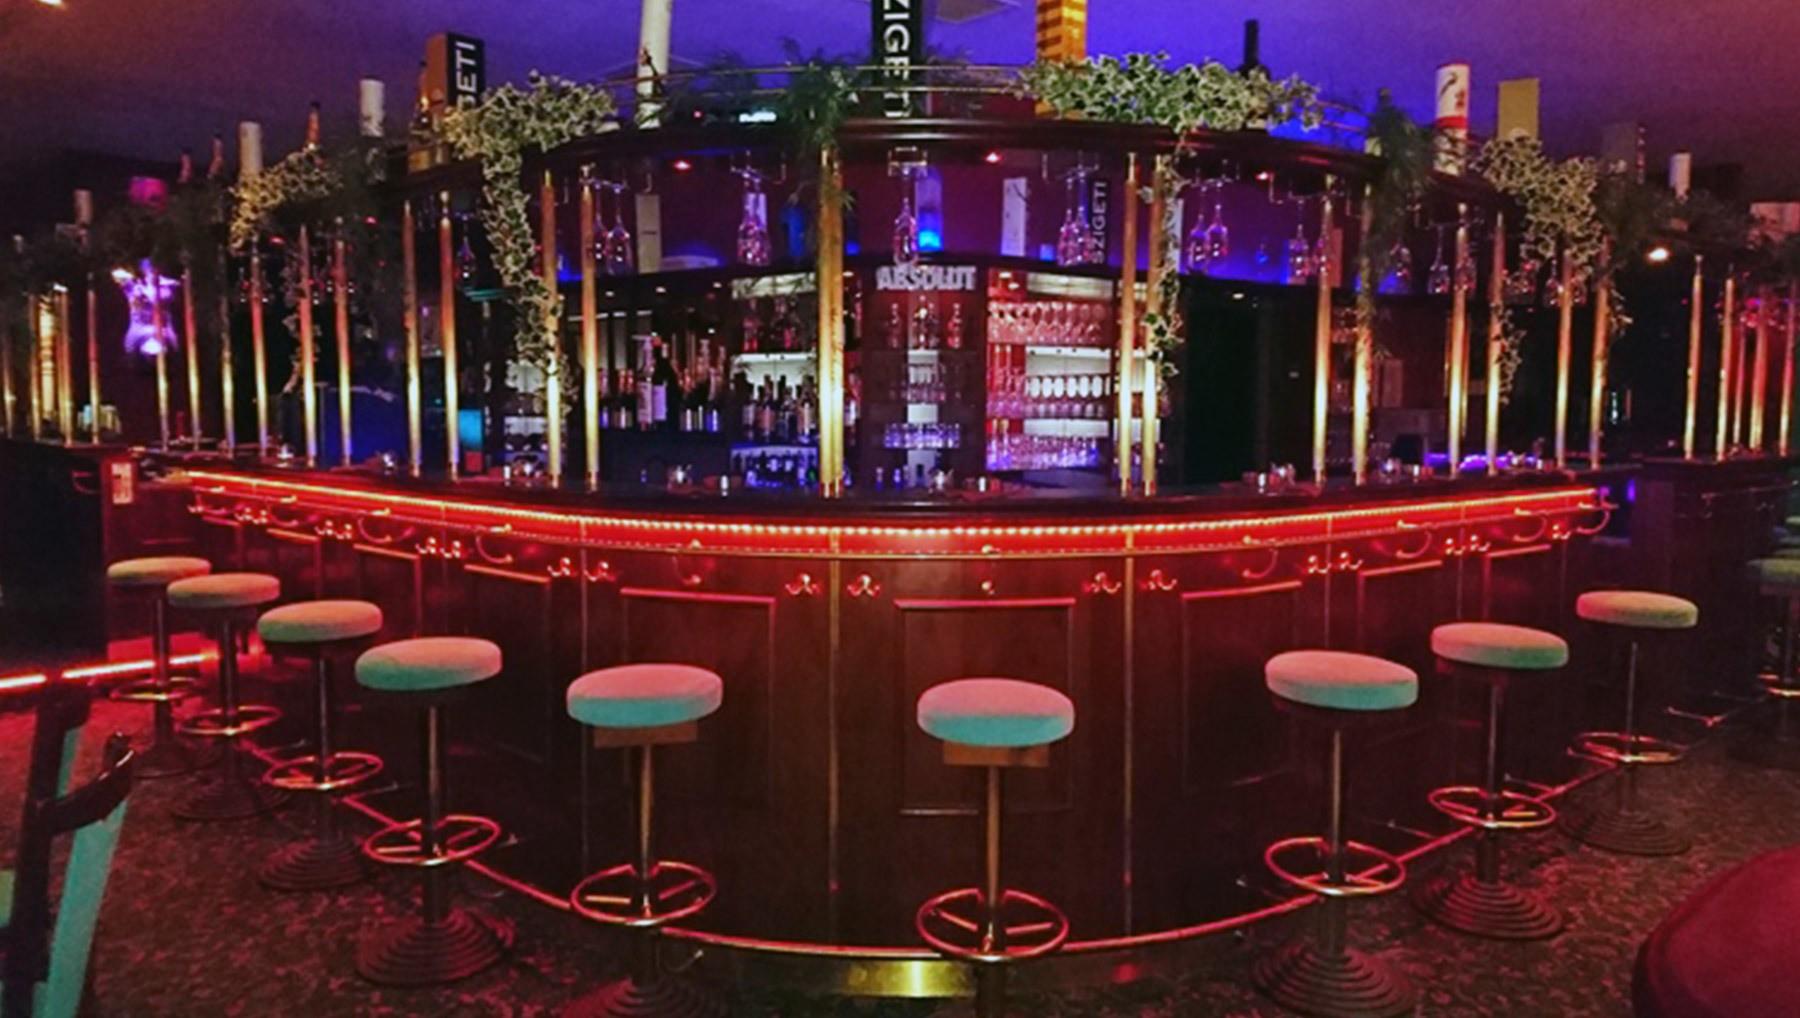 Wie soll man in Clubs und Bars Frauen kennenlernen? (Liebe und Beziehung, Beziehung)